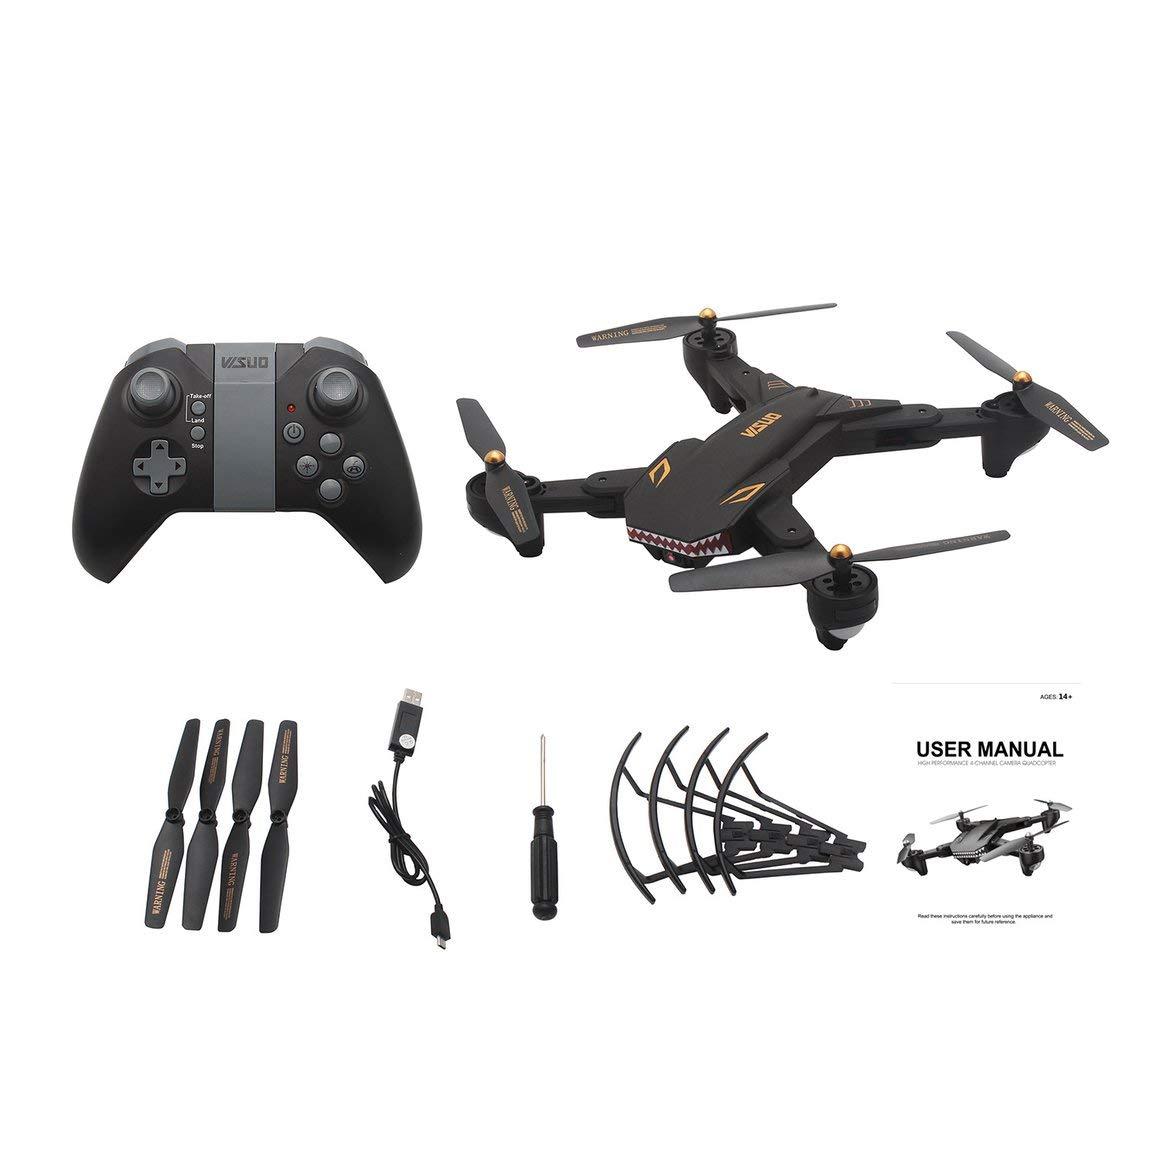 Funnyrunstore VISUO XS809S Drone WiFi WiFi Selfie Caméra Altitude Tenir Pliable Sans tête Mode Une Touche Retour 3D Flip Quadricoptère